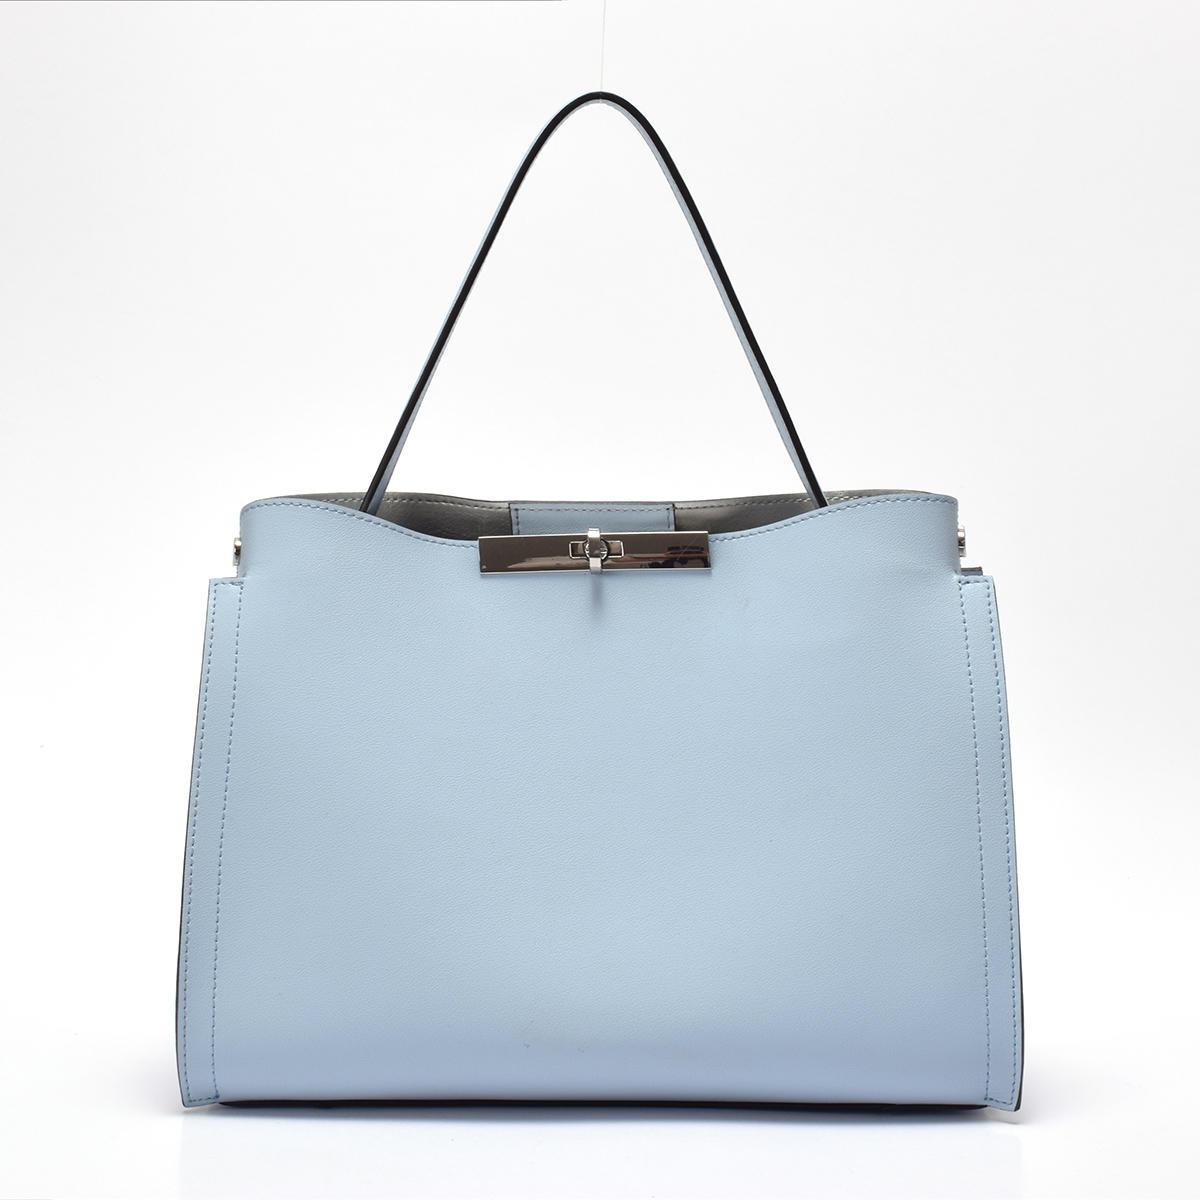 Best Single Leather shoulder handbag for ladies